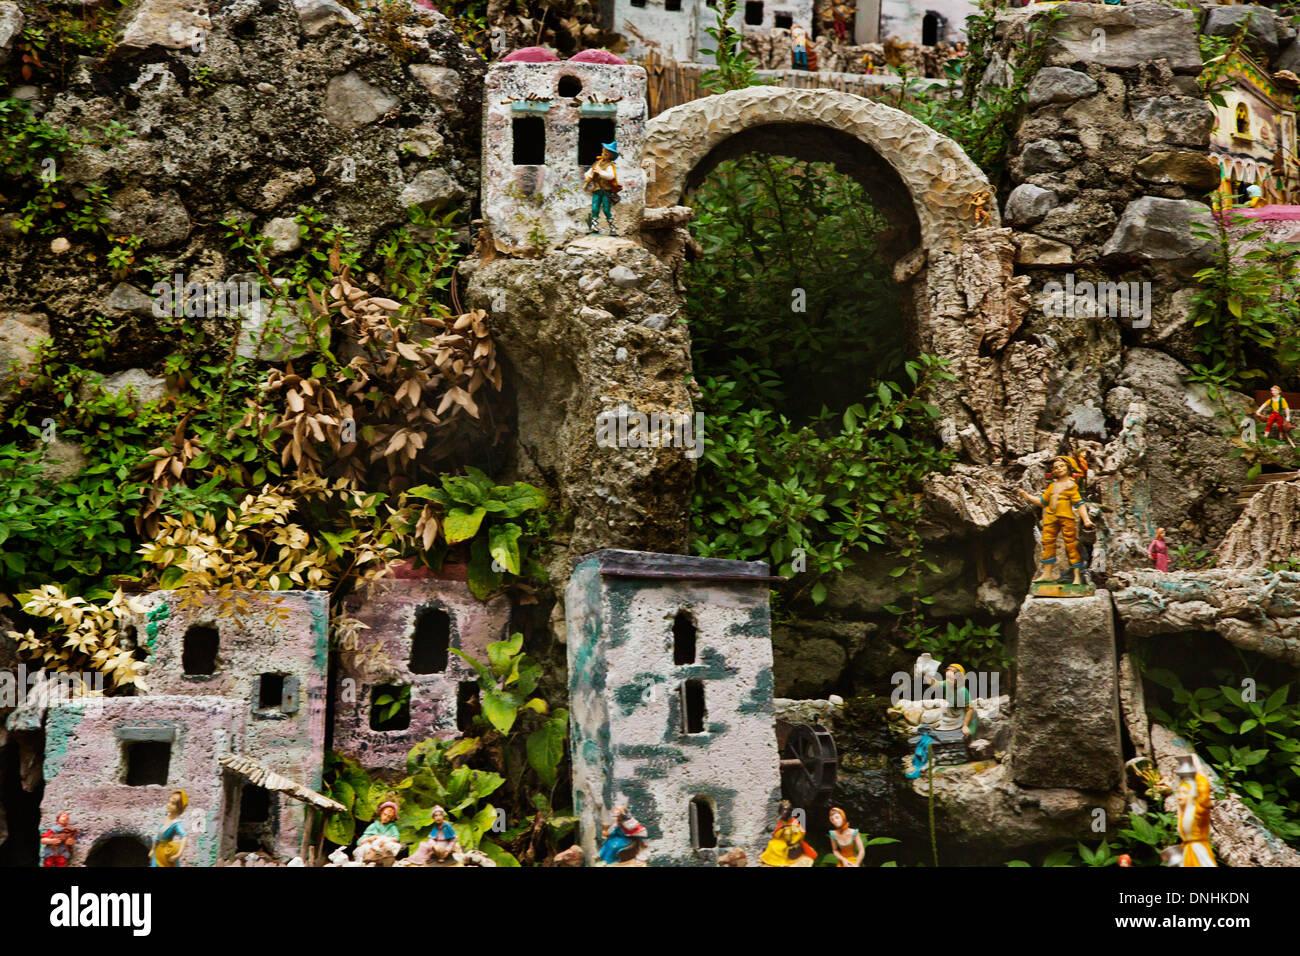 Maisons miniatures sur les rochers, Amalfi, Province de Salerne, Campanie, Italie Banque D'Images